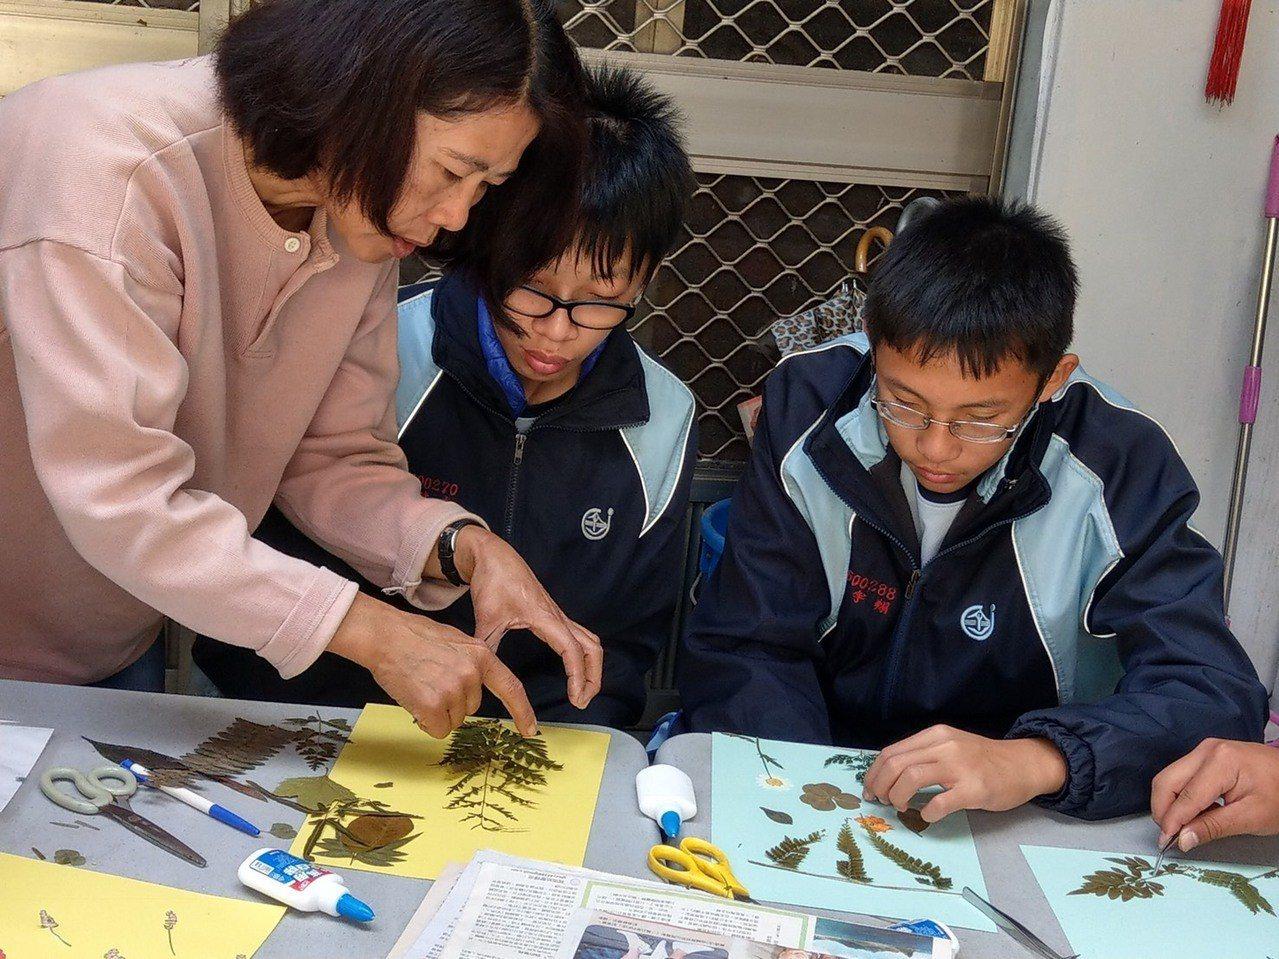 台中市新社高中農科業師實習課程中的壓花設計課程。圖/歐靜瑜提供